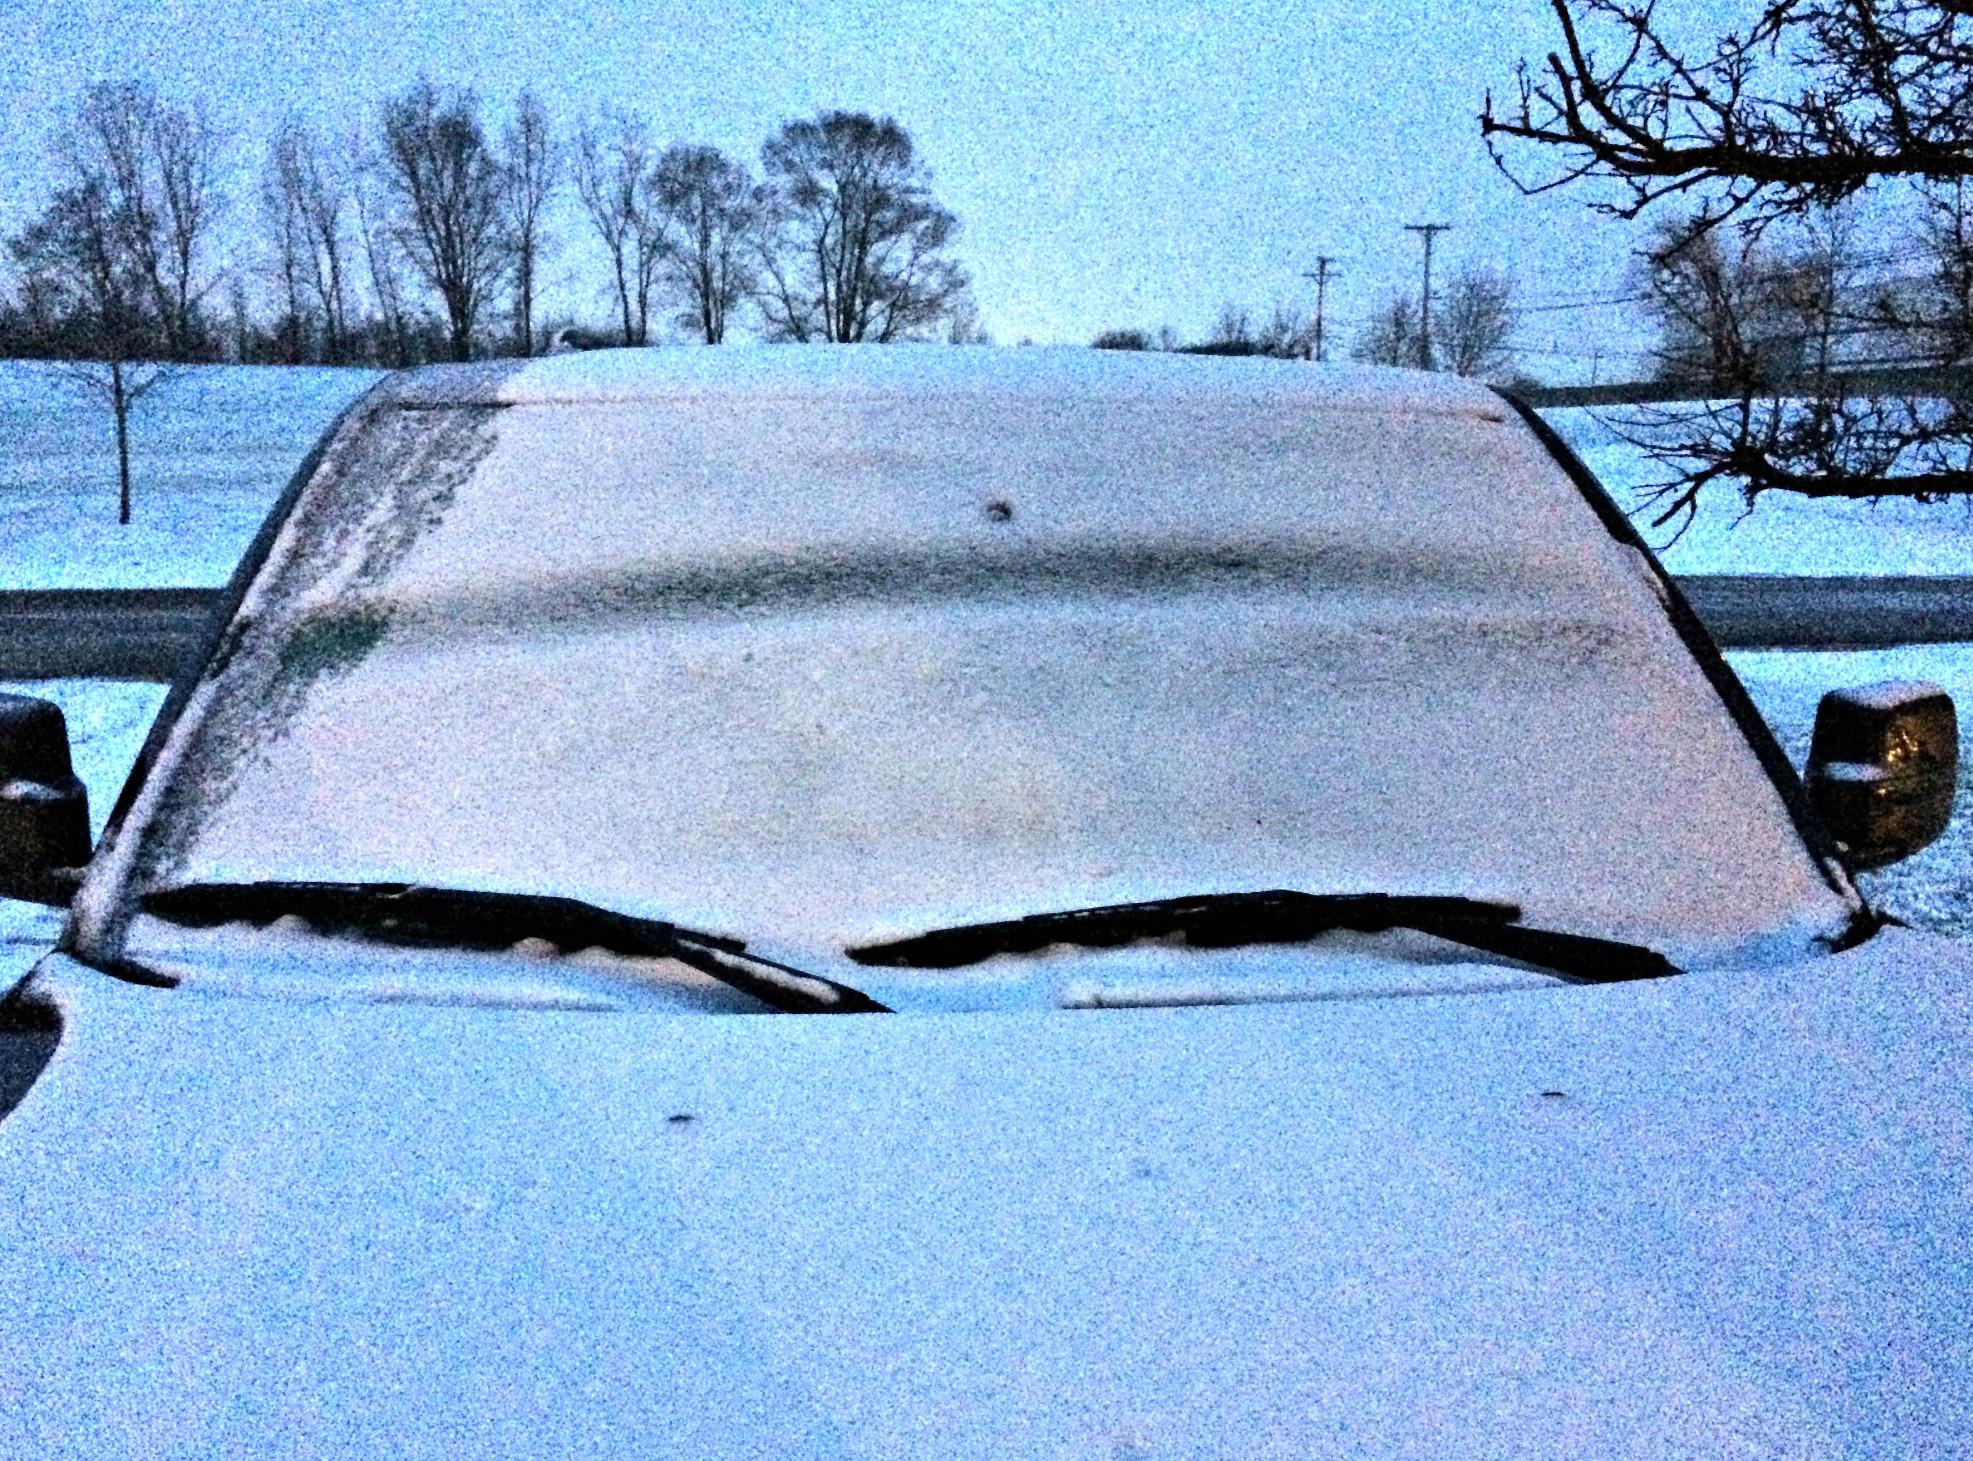 snow on the car